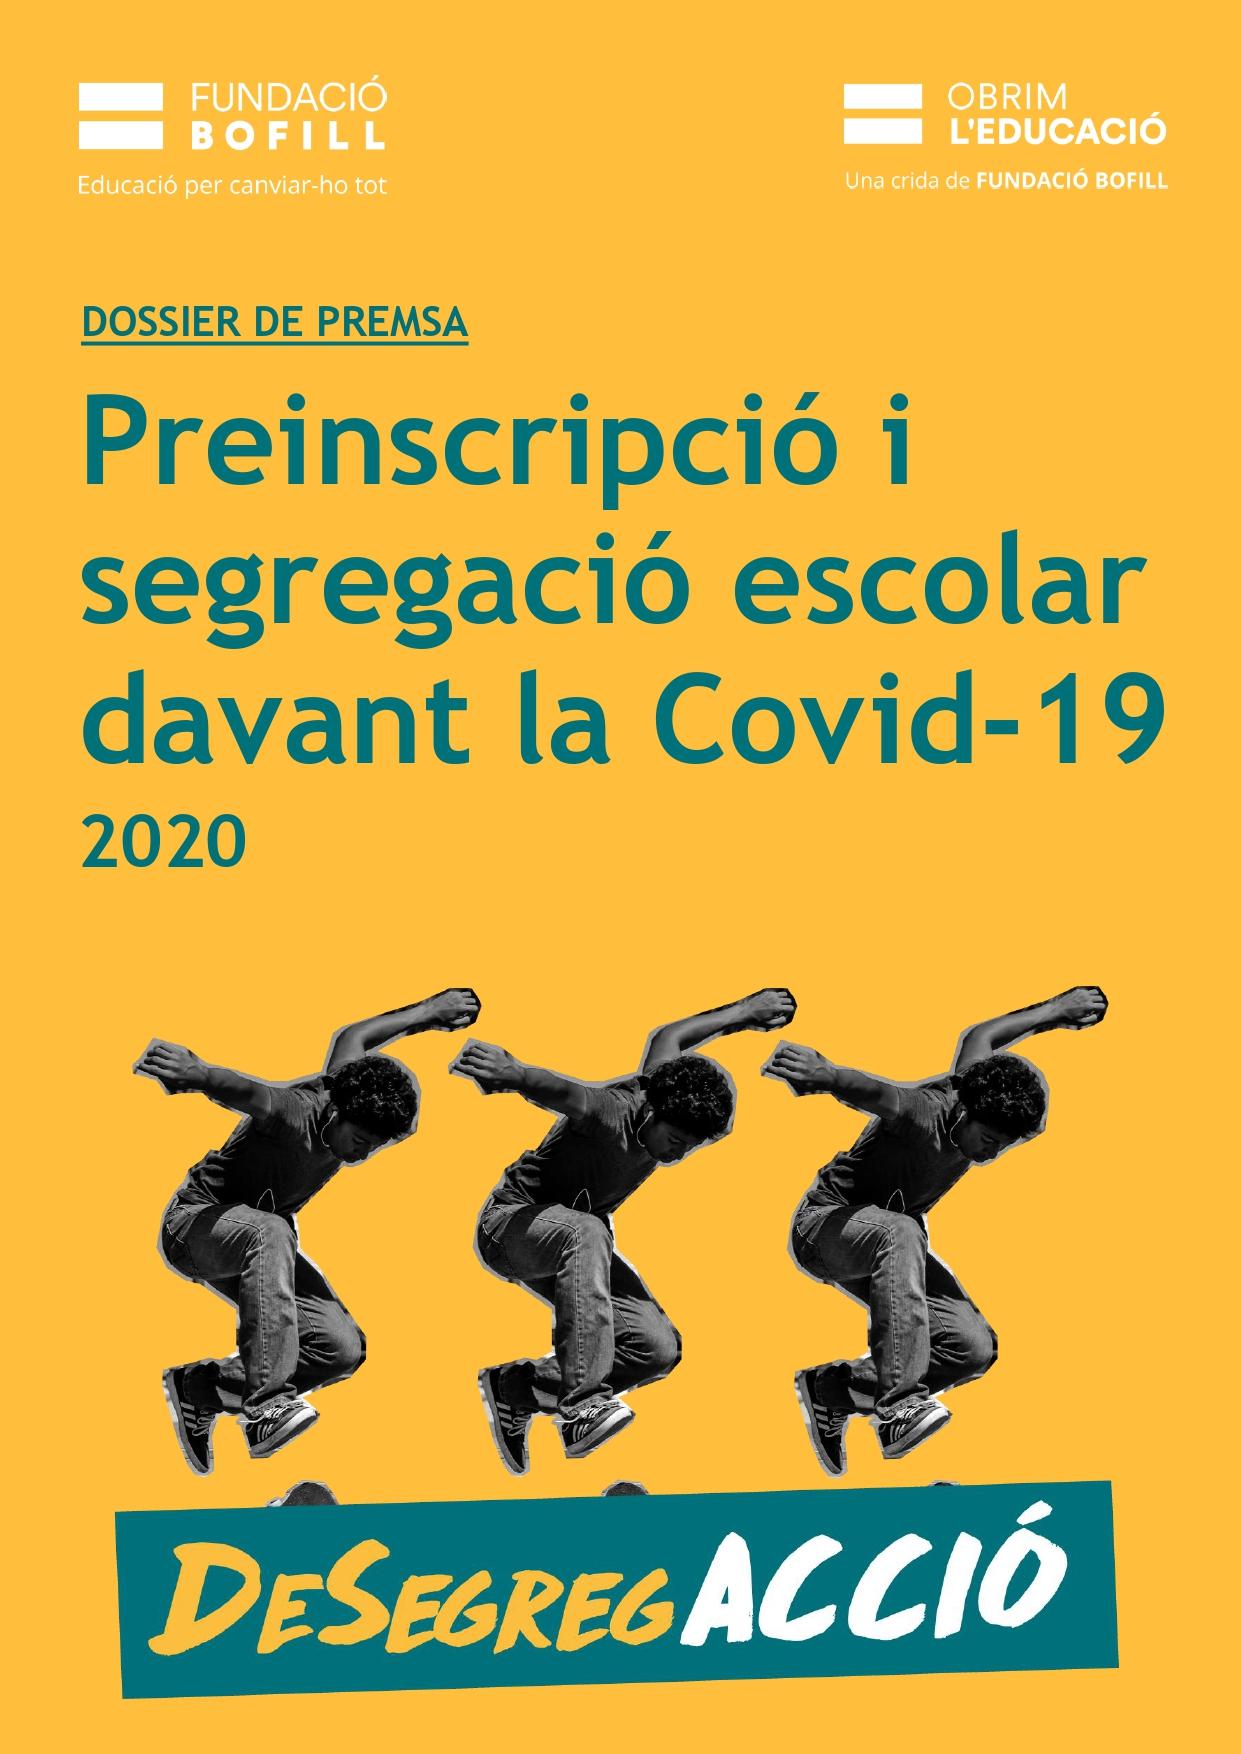 Dossier - Preinscripció i segregació escolar davant la Covid-19